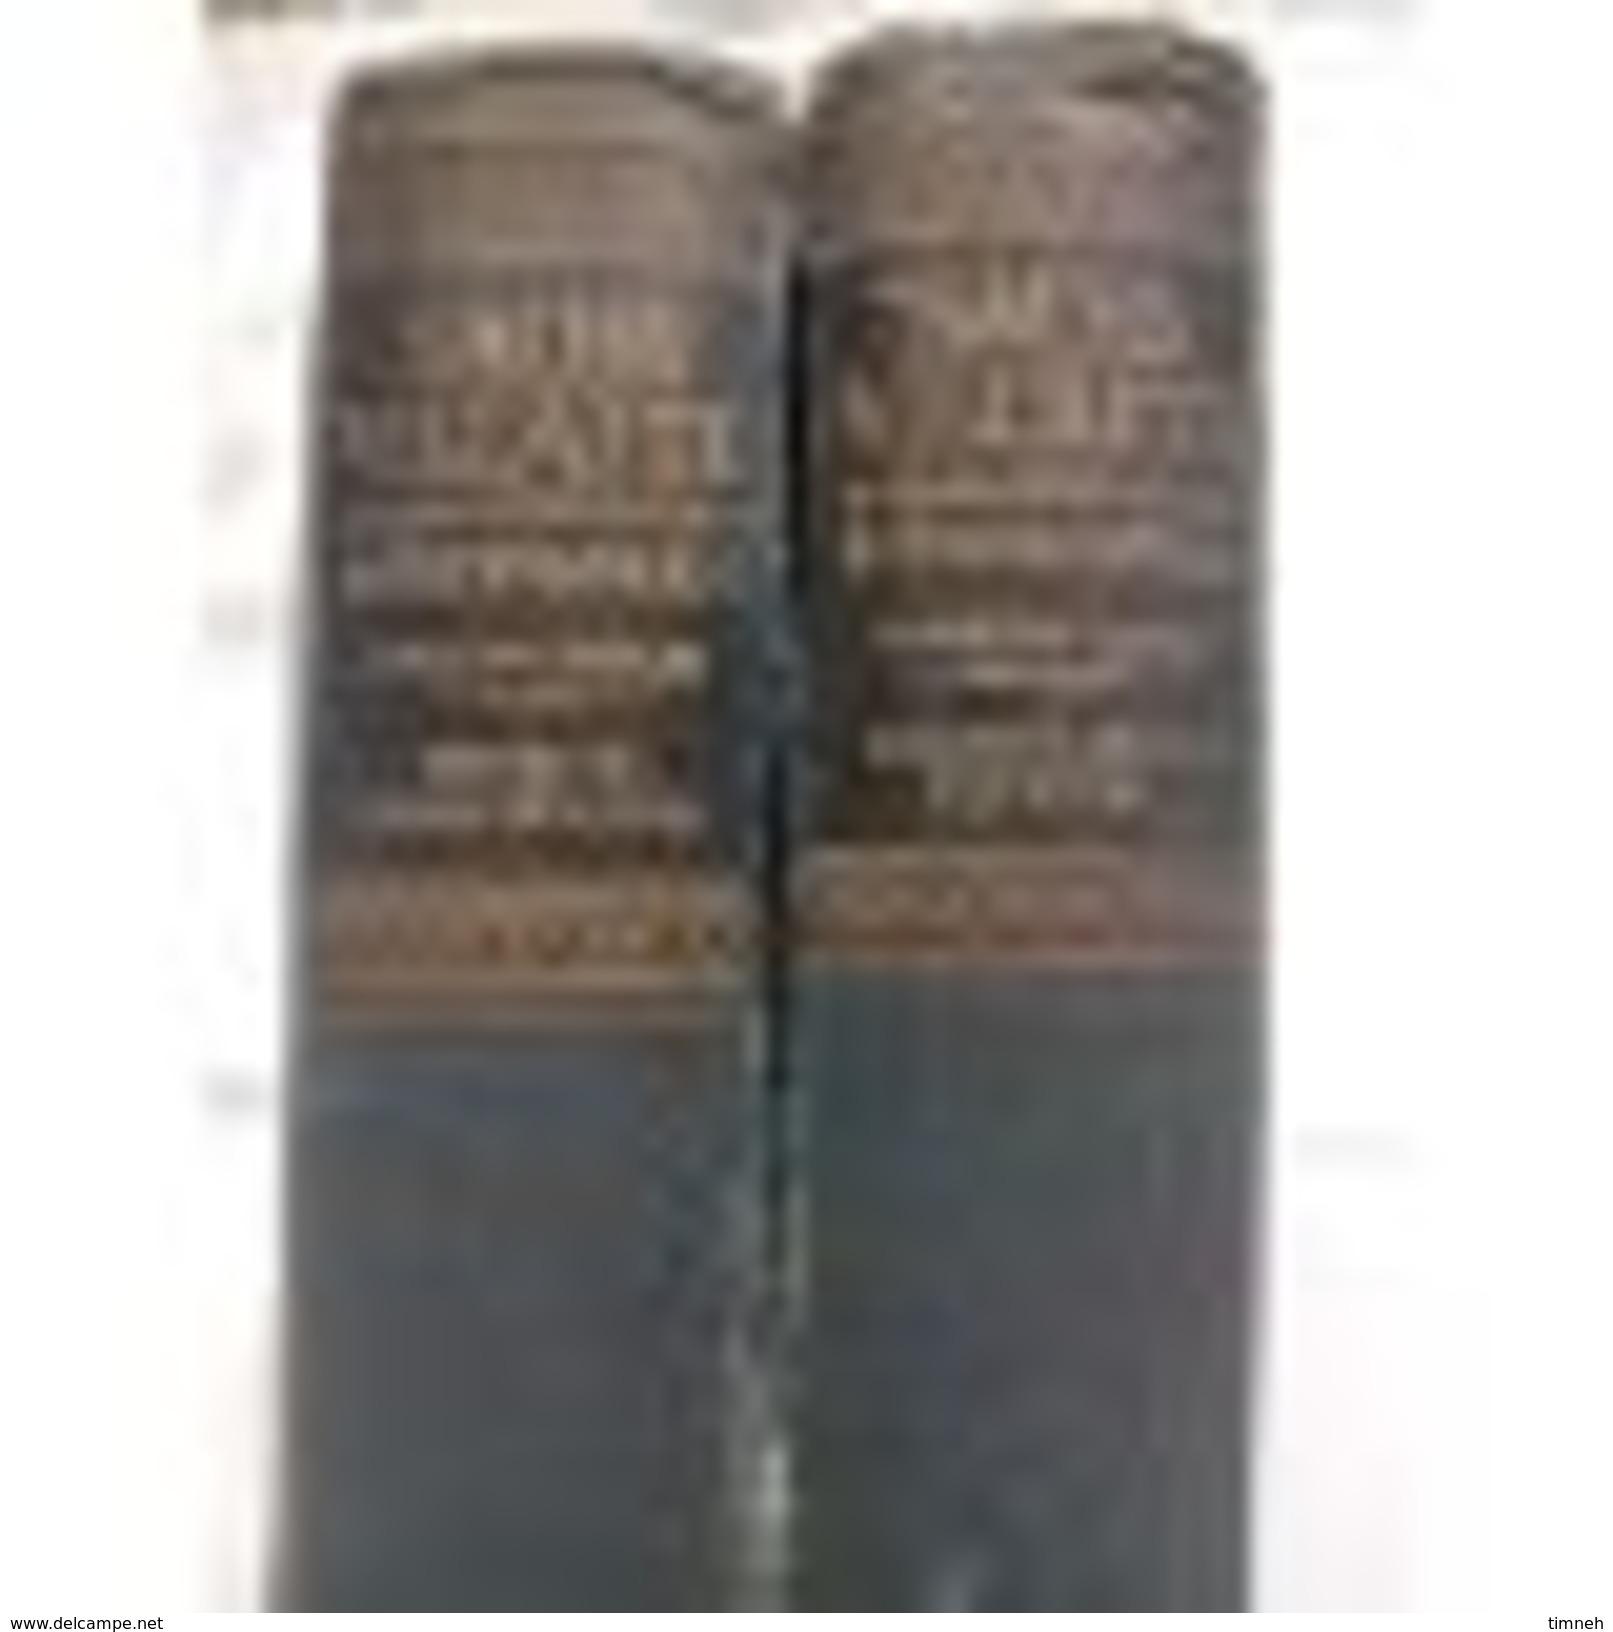 OLD GERMAN SACHS - VILLATTE - En 2 TOMES - Français-allemand & Allemand Français - Toussaint Langenscheidt - WÖRTERBUCH - Encyclopédies